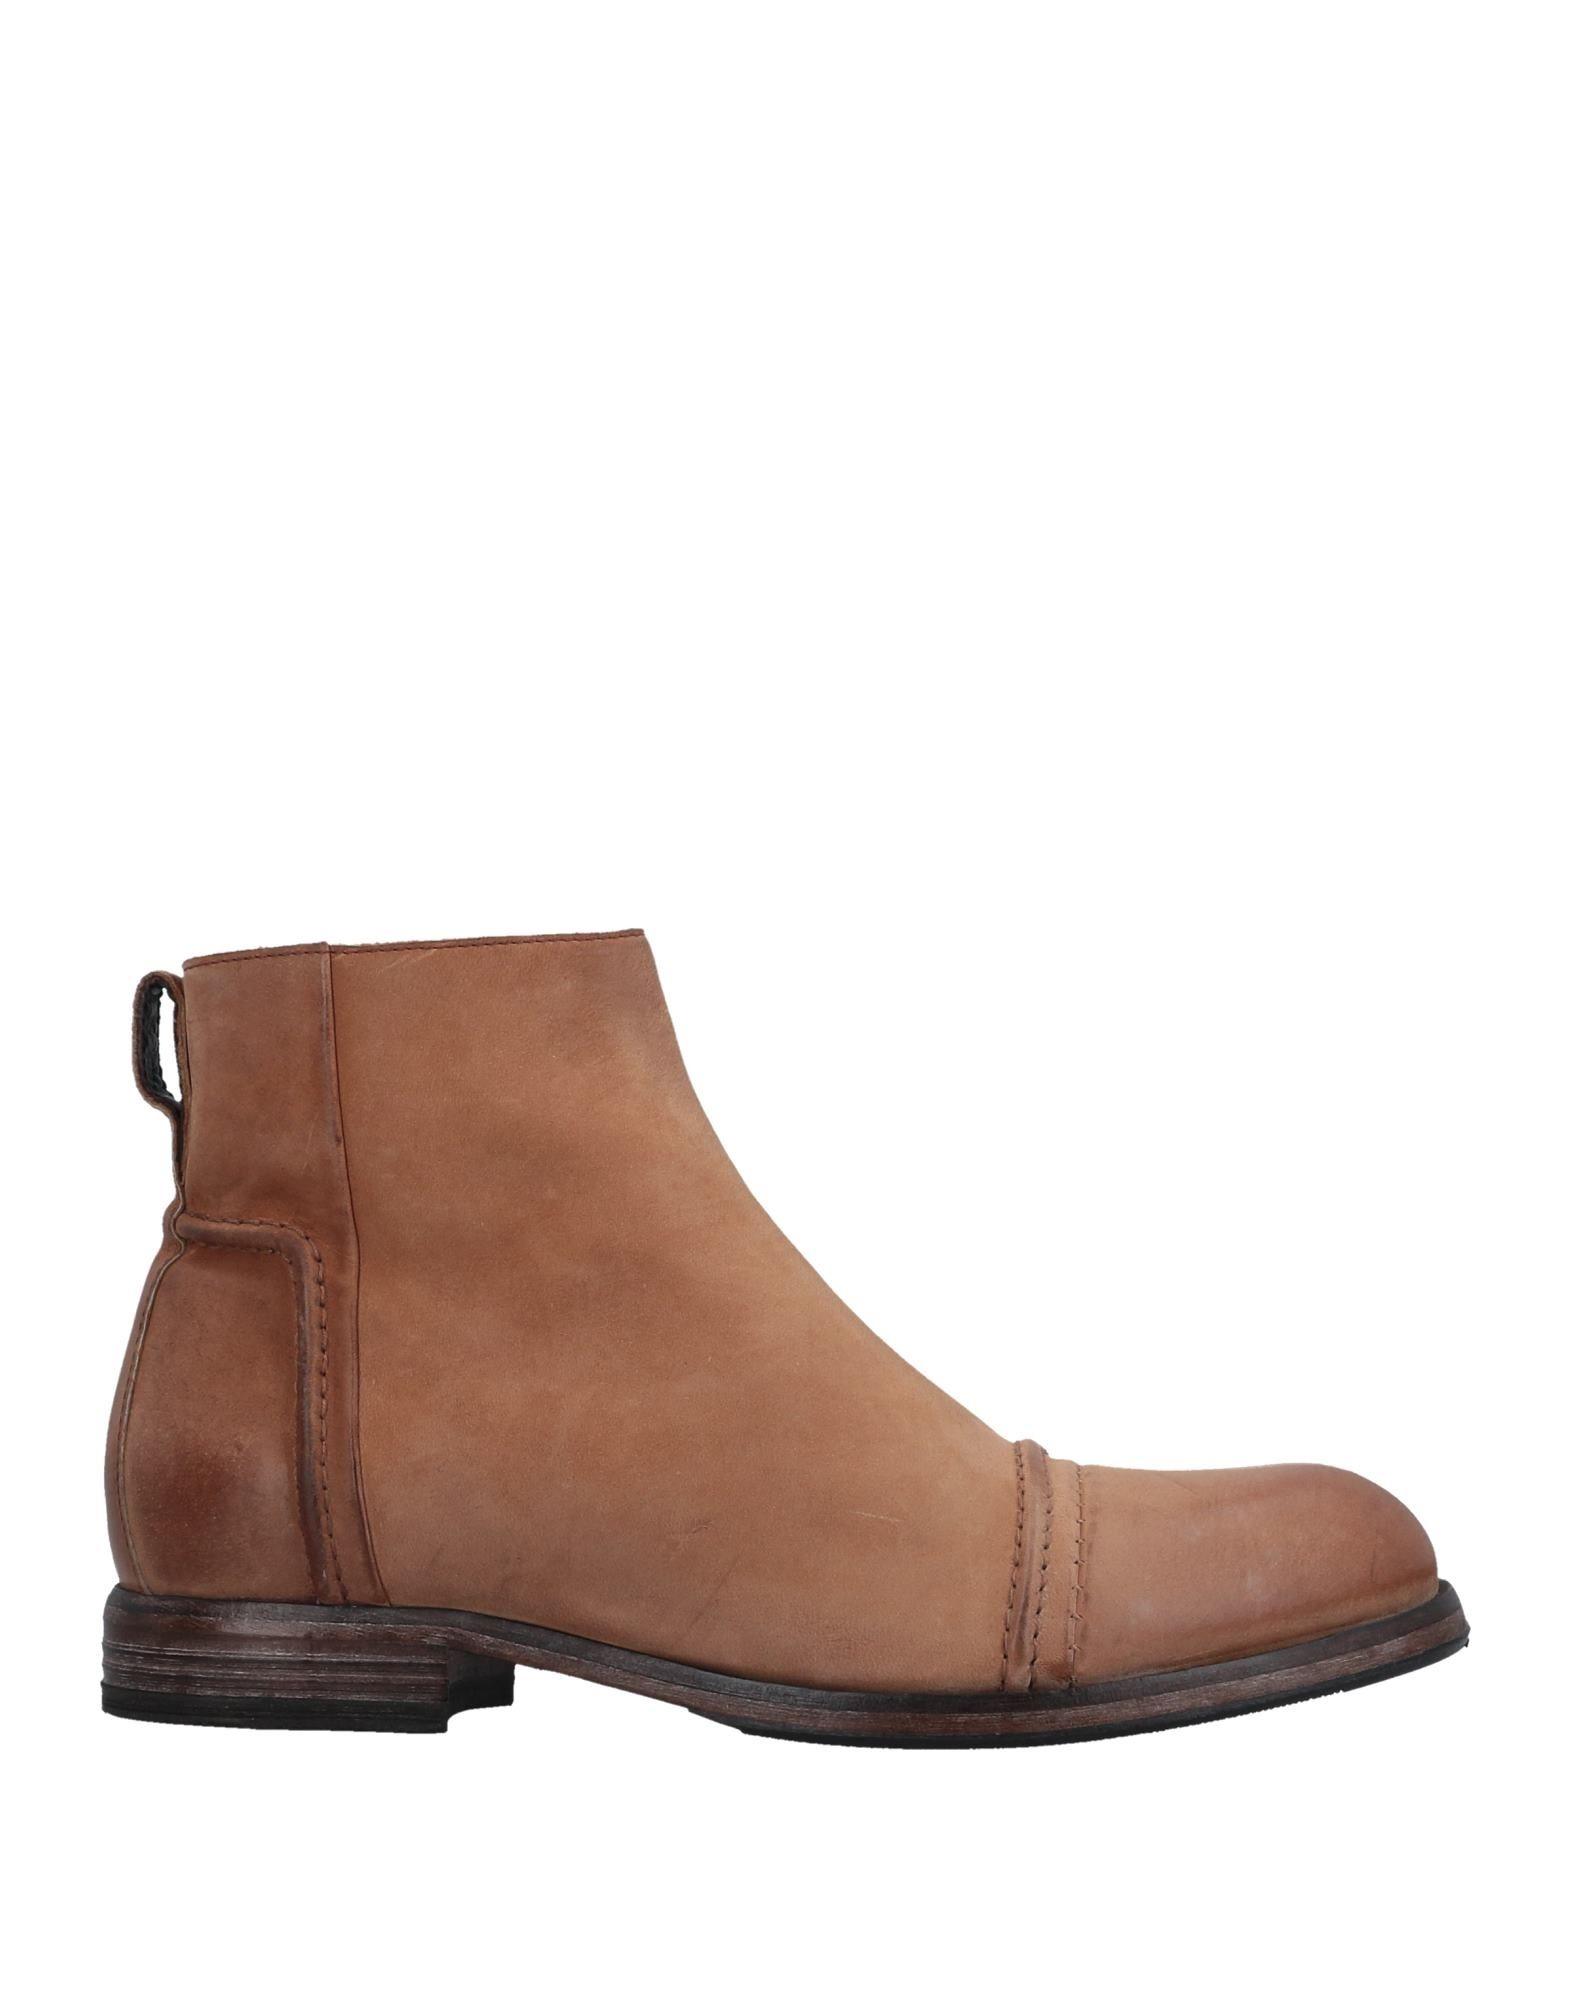 Moma Stiefelette Herren  Heiße 11508774XS Heiße  Schuhe ce502c